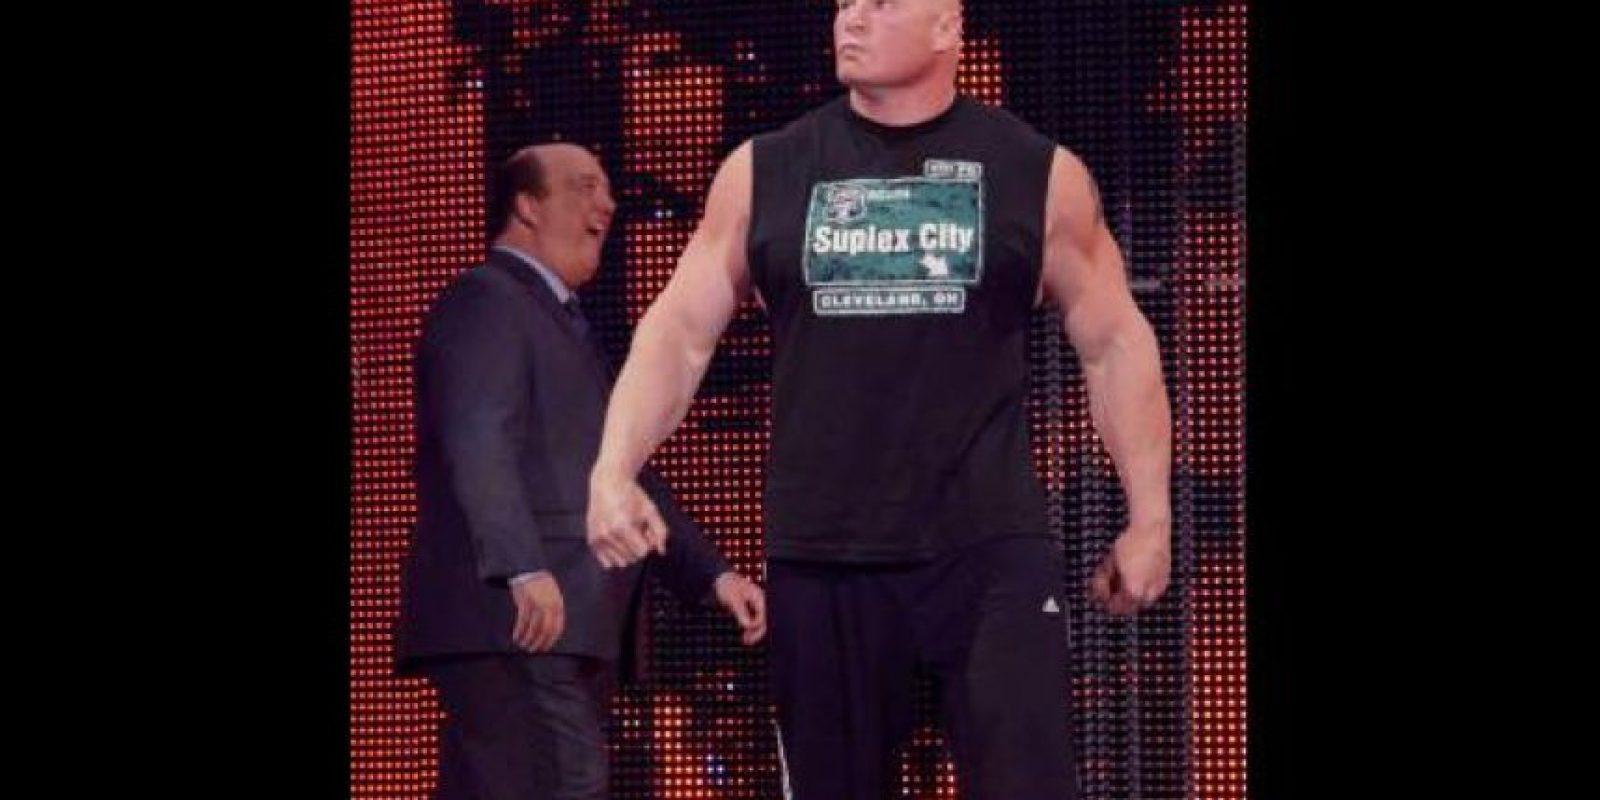 Se trató de Brock Lesnar Foto:WWE